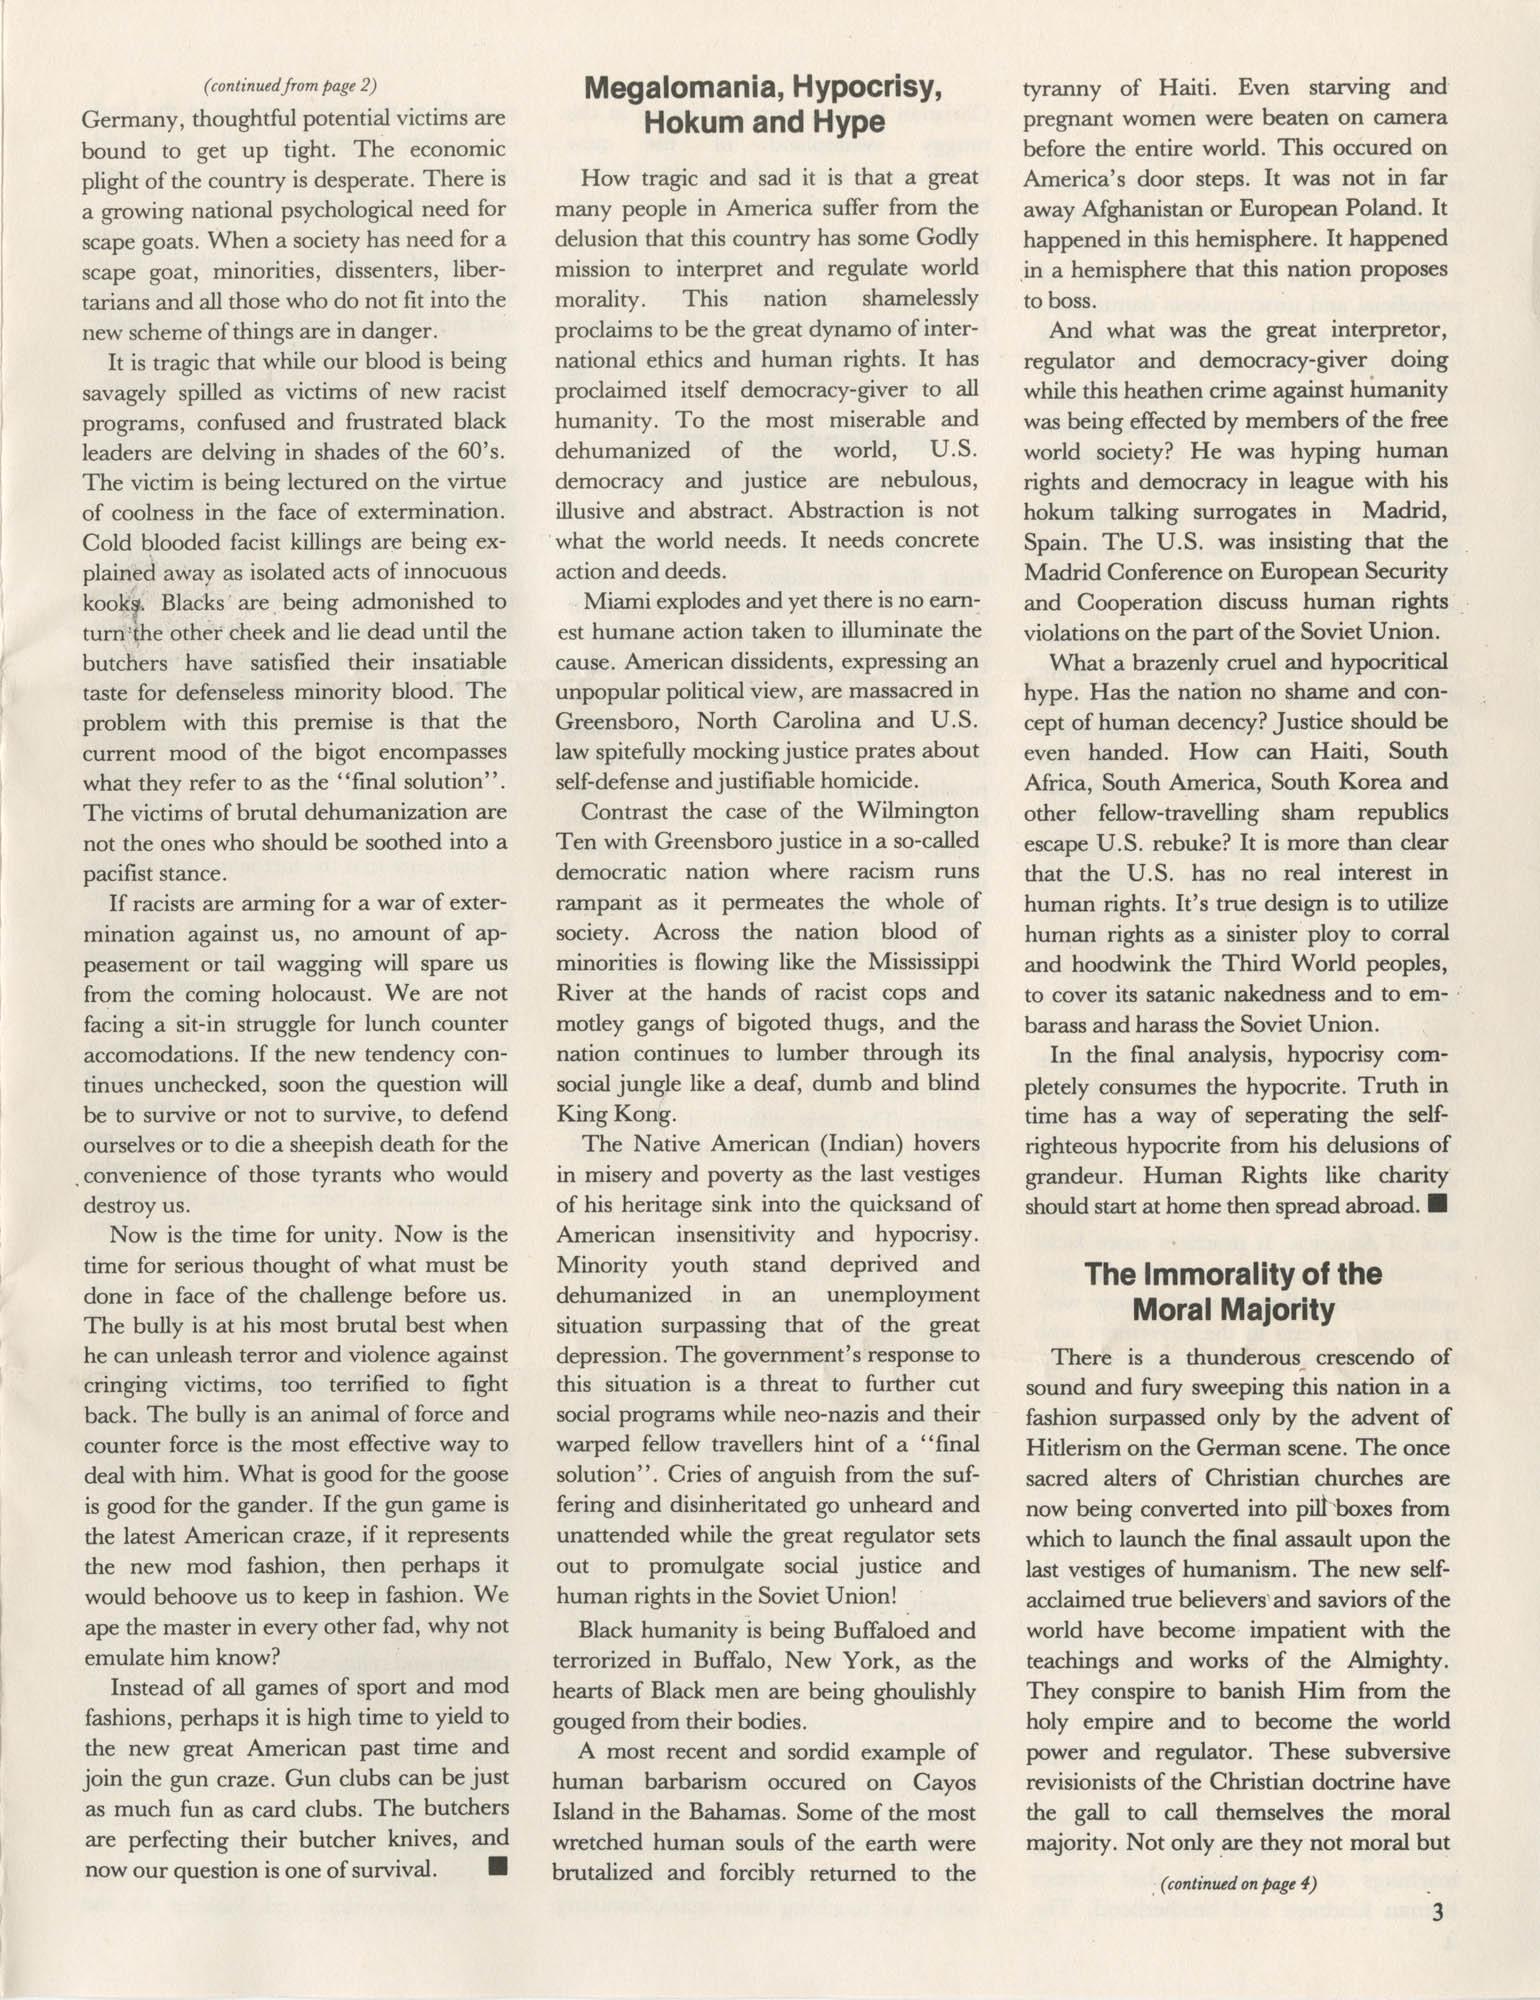 The Crusader, Vol. XII, No. 1, Page 3